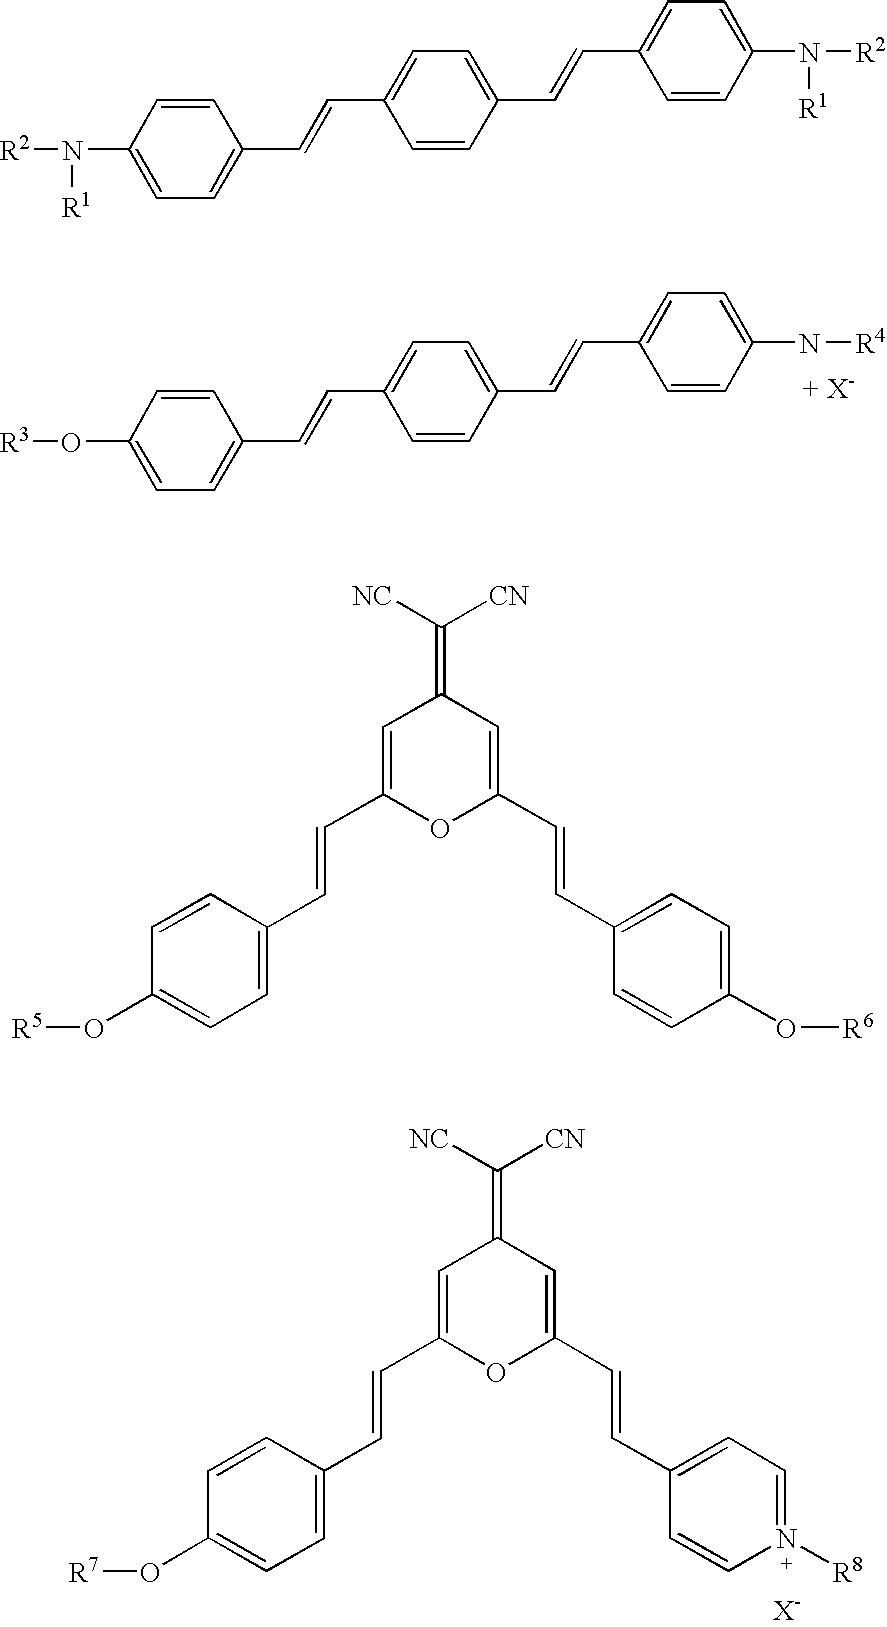 Figure US07238792-20070703-C00001